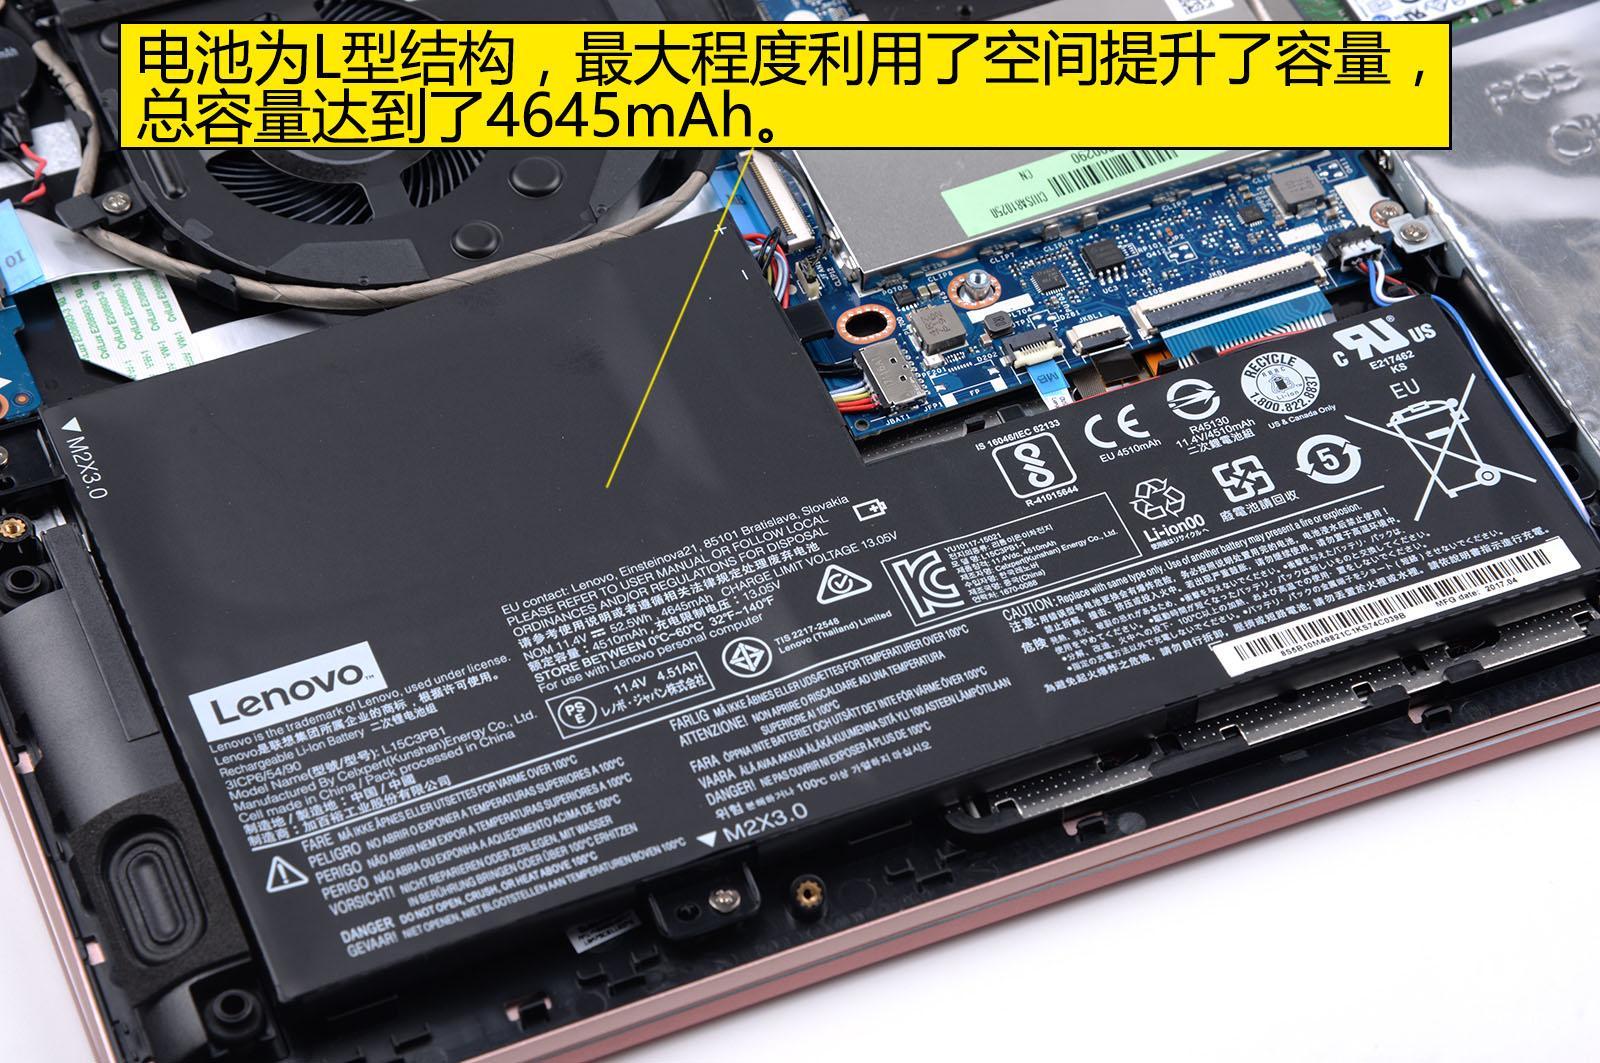 电池和主板的连接排线采用了不太常见的卡扣,不建议自己更换电池.